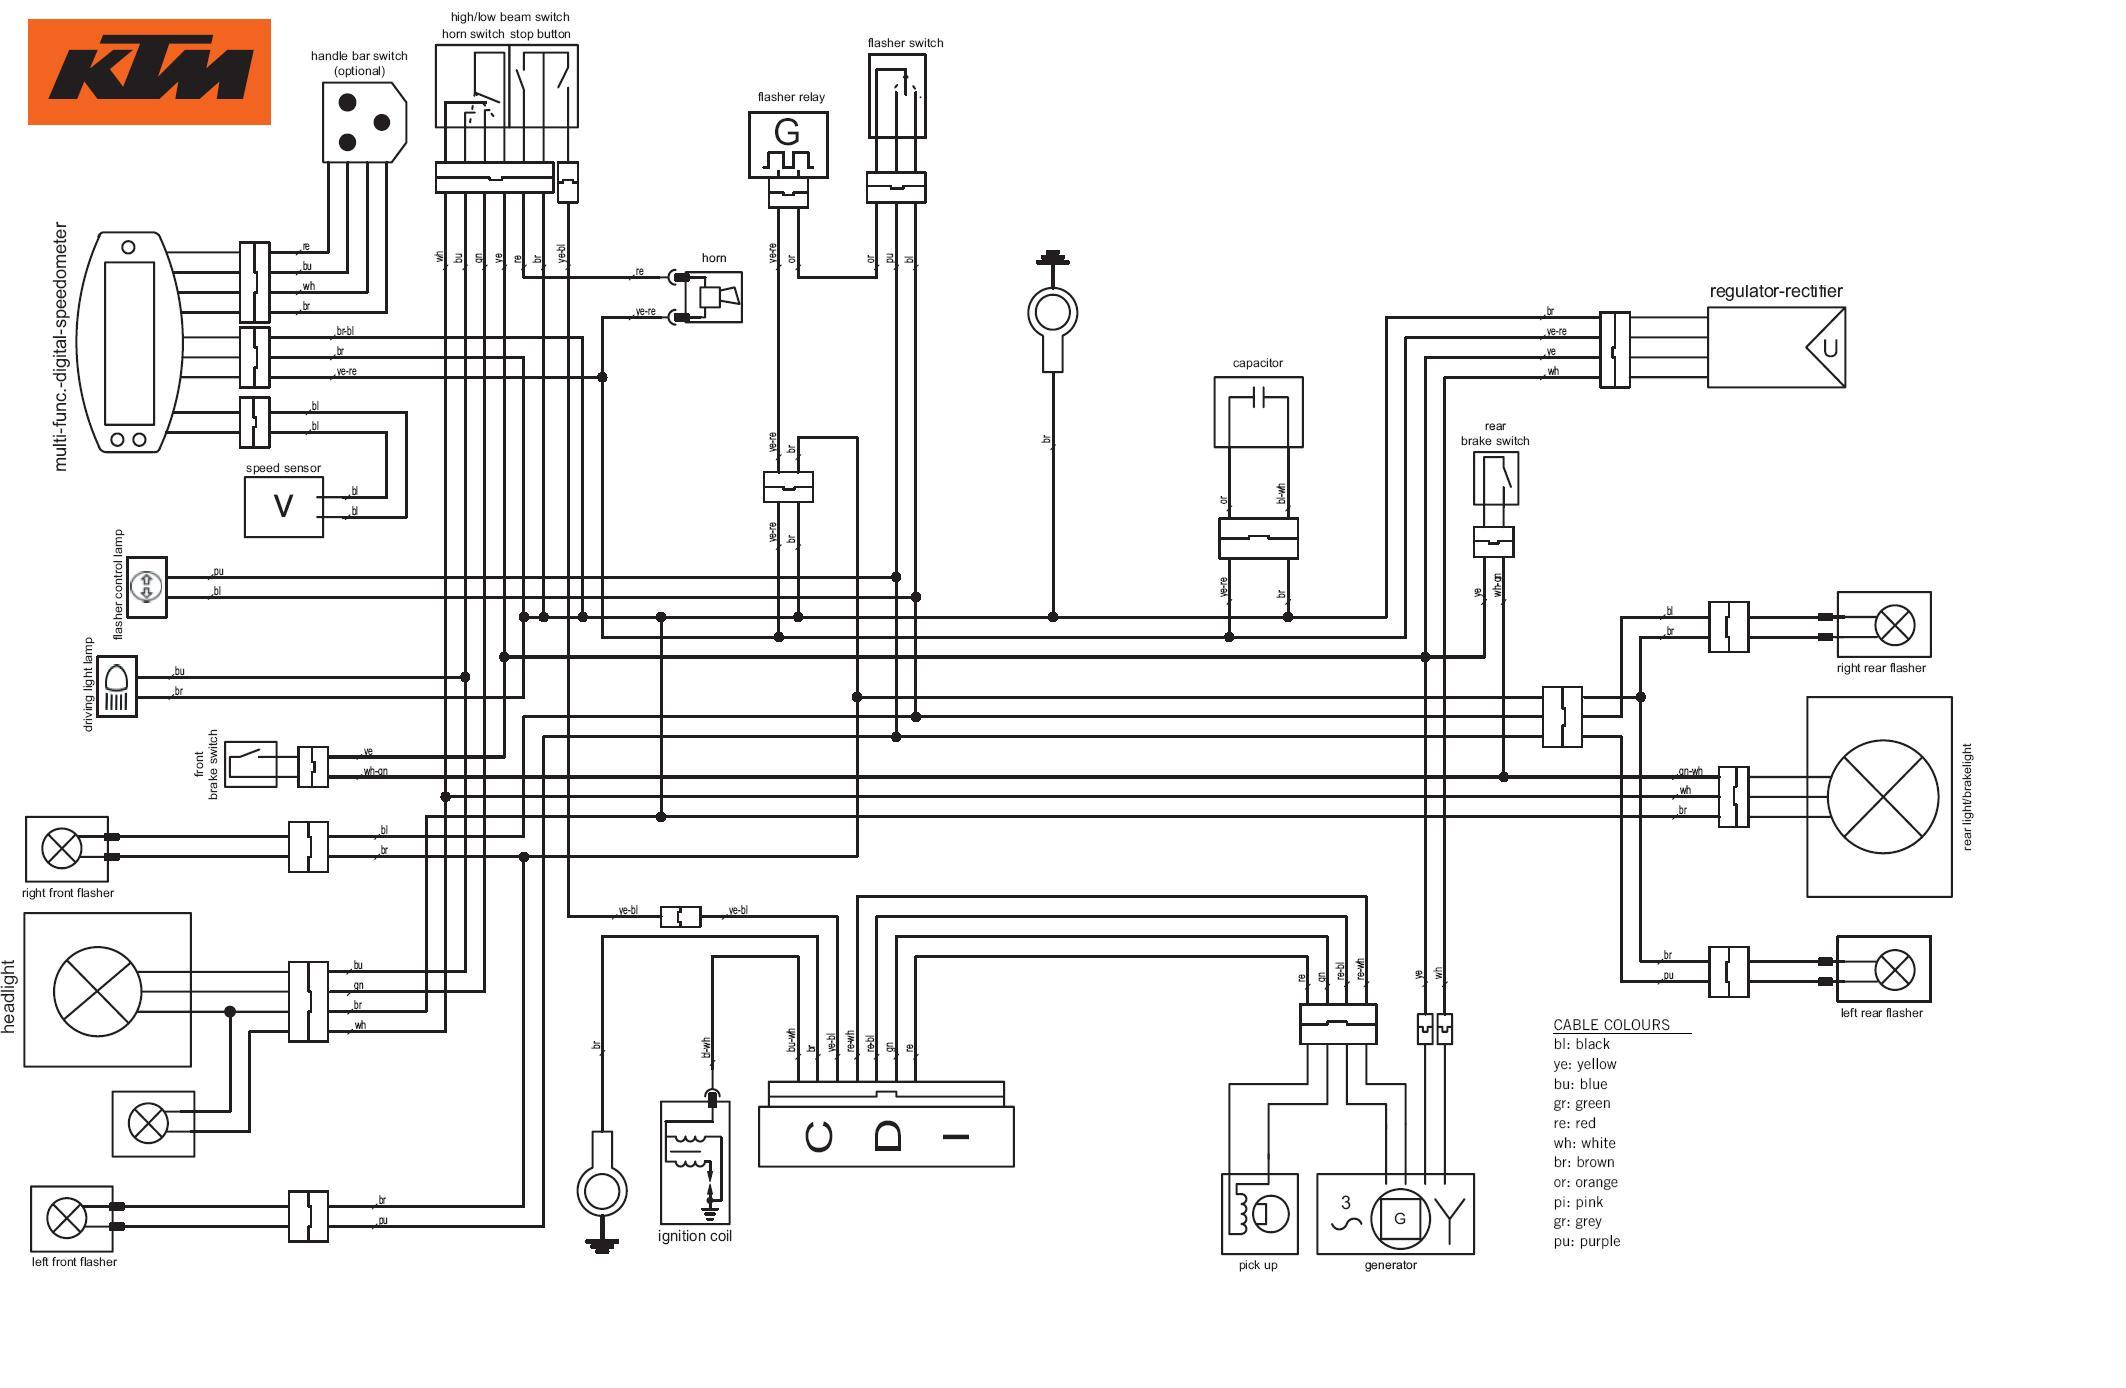 ktm wiring diagram exc - wiring diagram schema skip-head-a -  skip-head-a.atmosphereconcept.it  atmosphereconcept.it